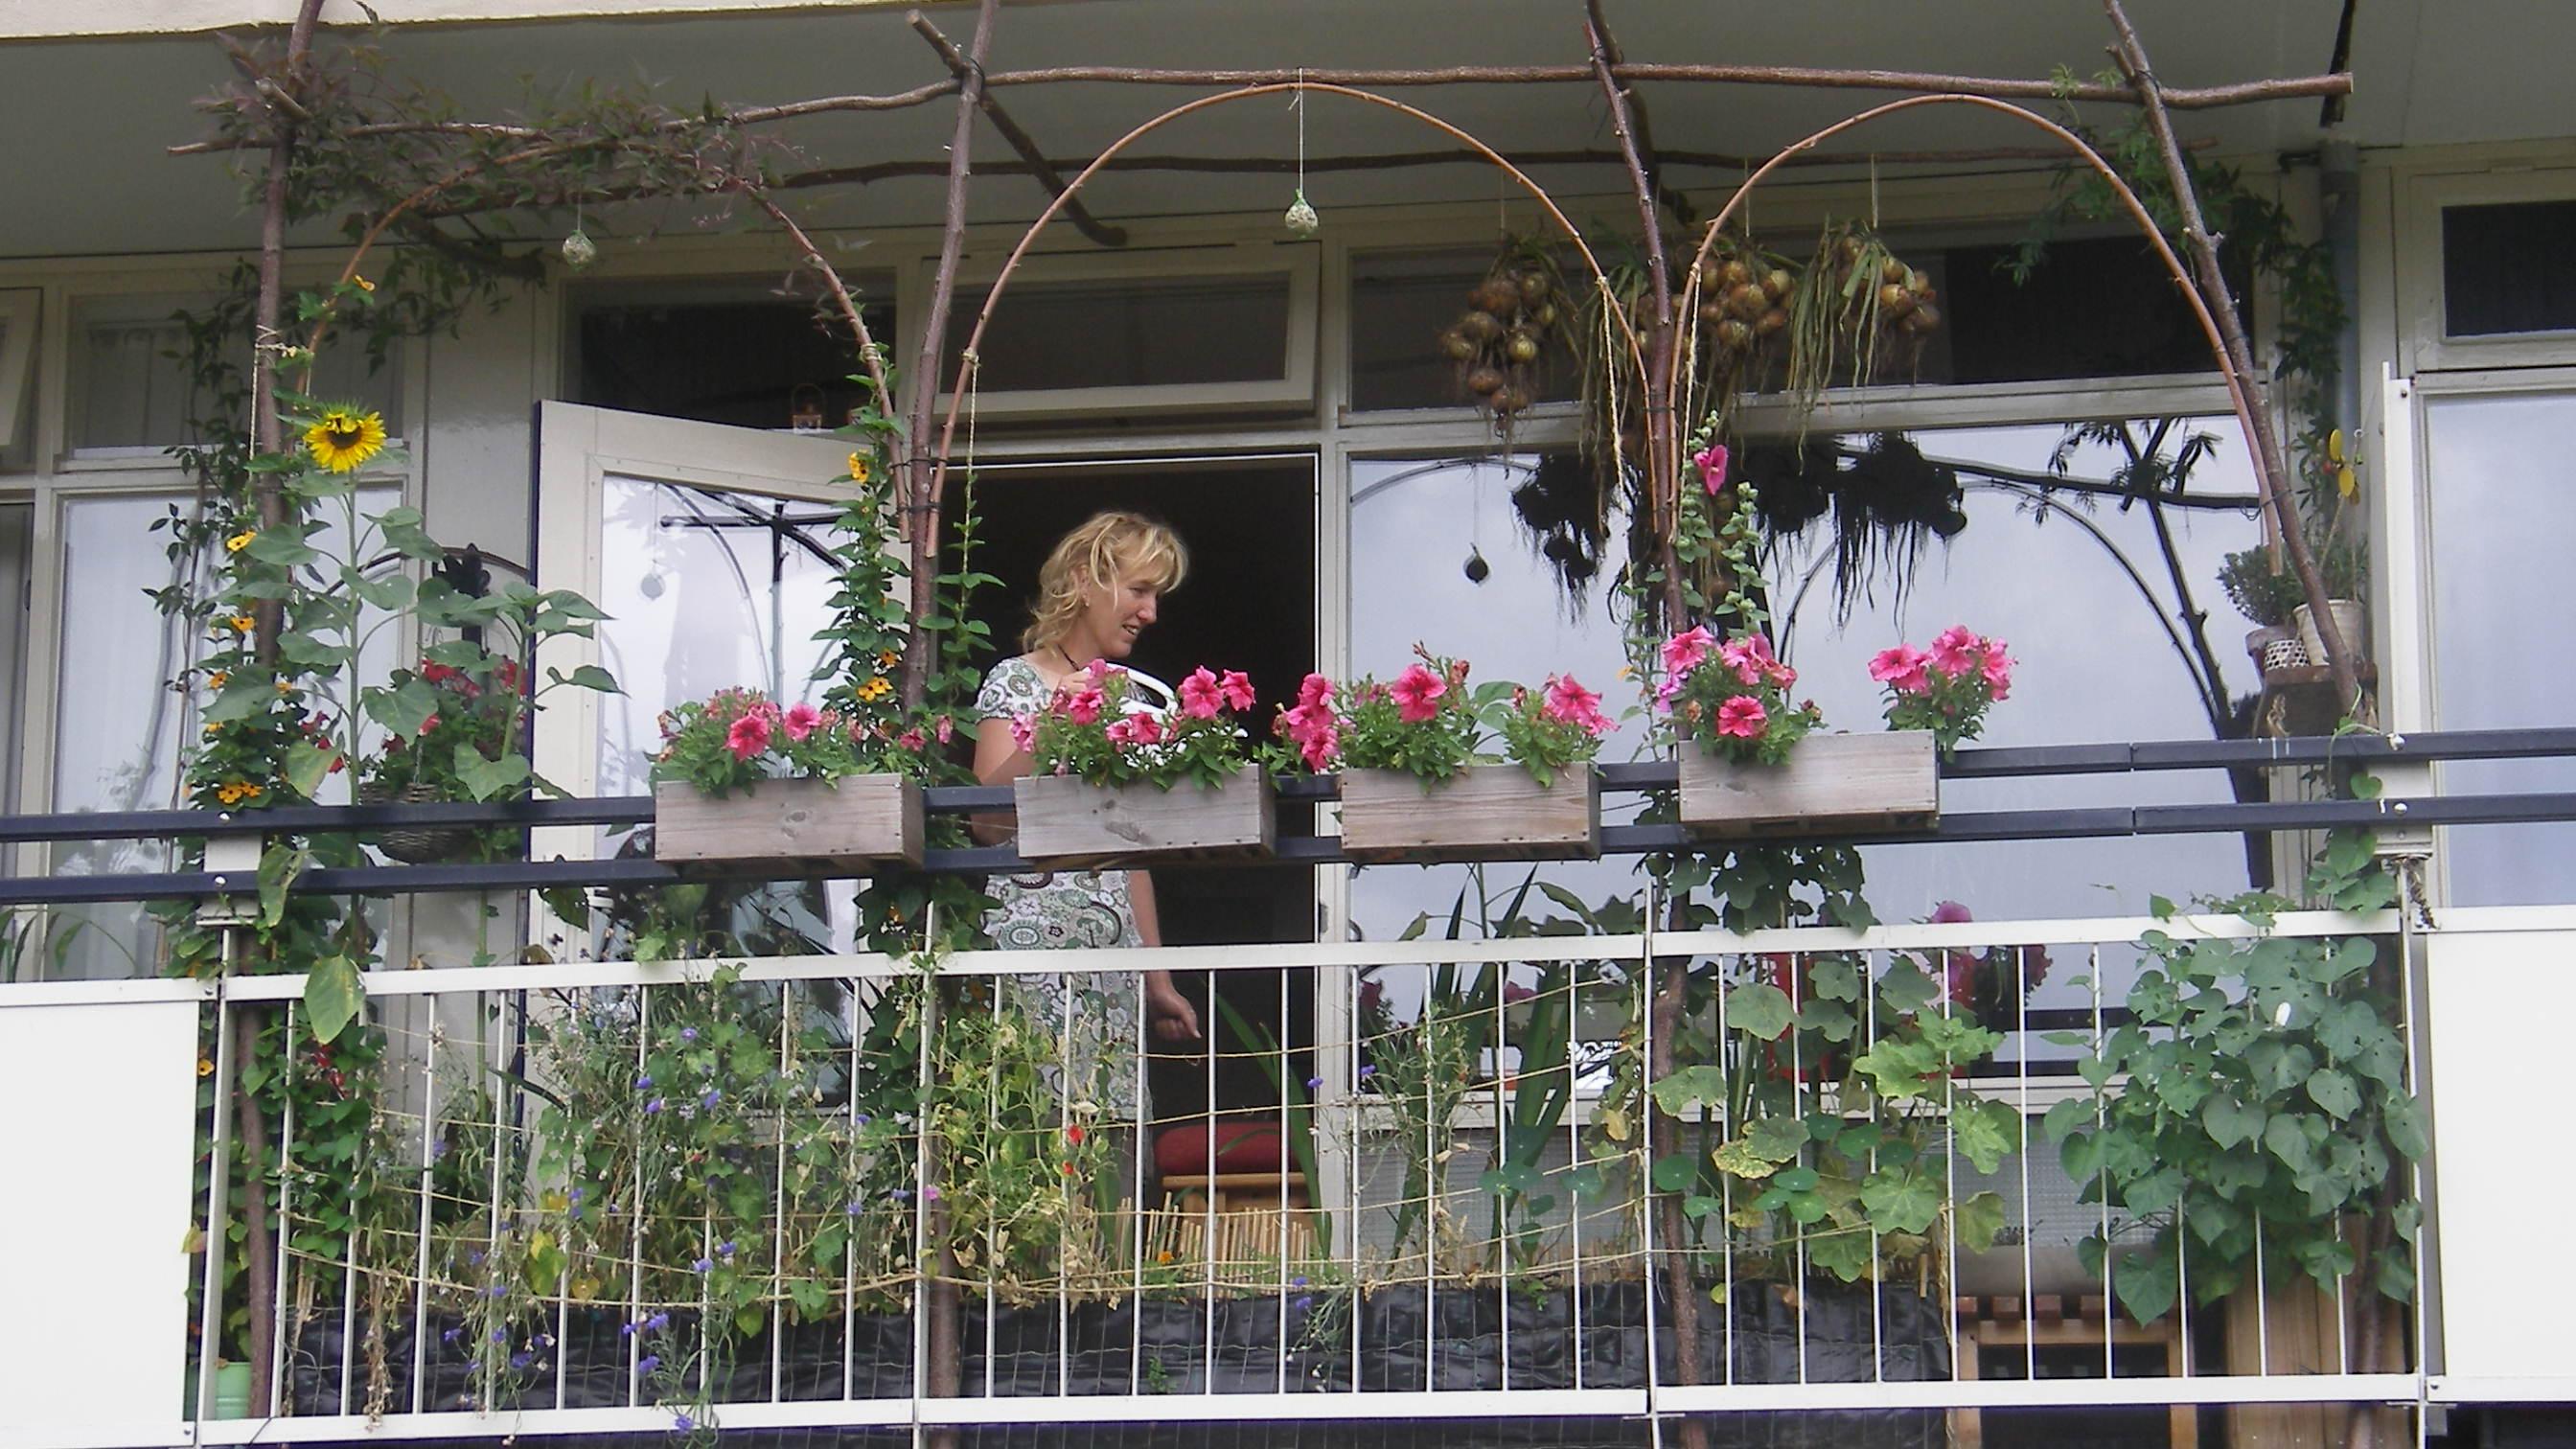 Tuinieren Op Balkon : Balkontuinieren tuinontwikkeling